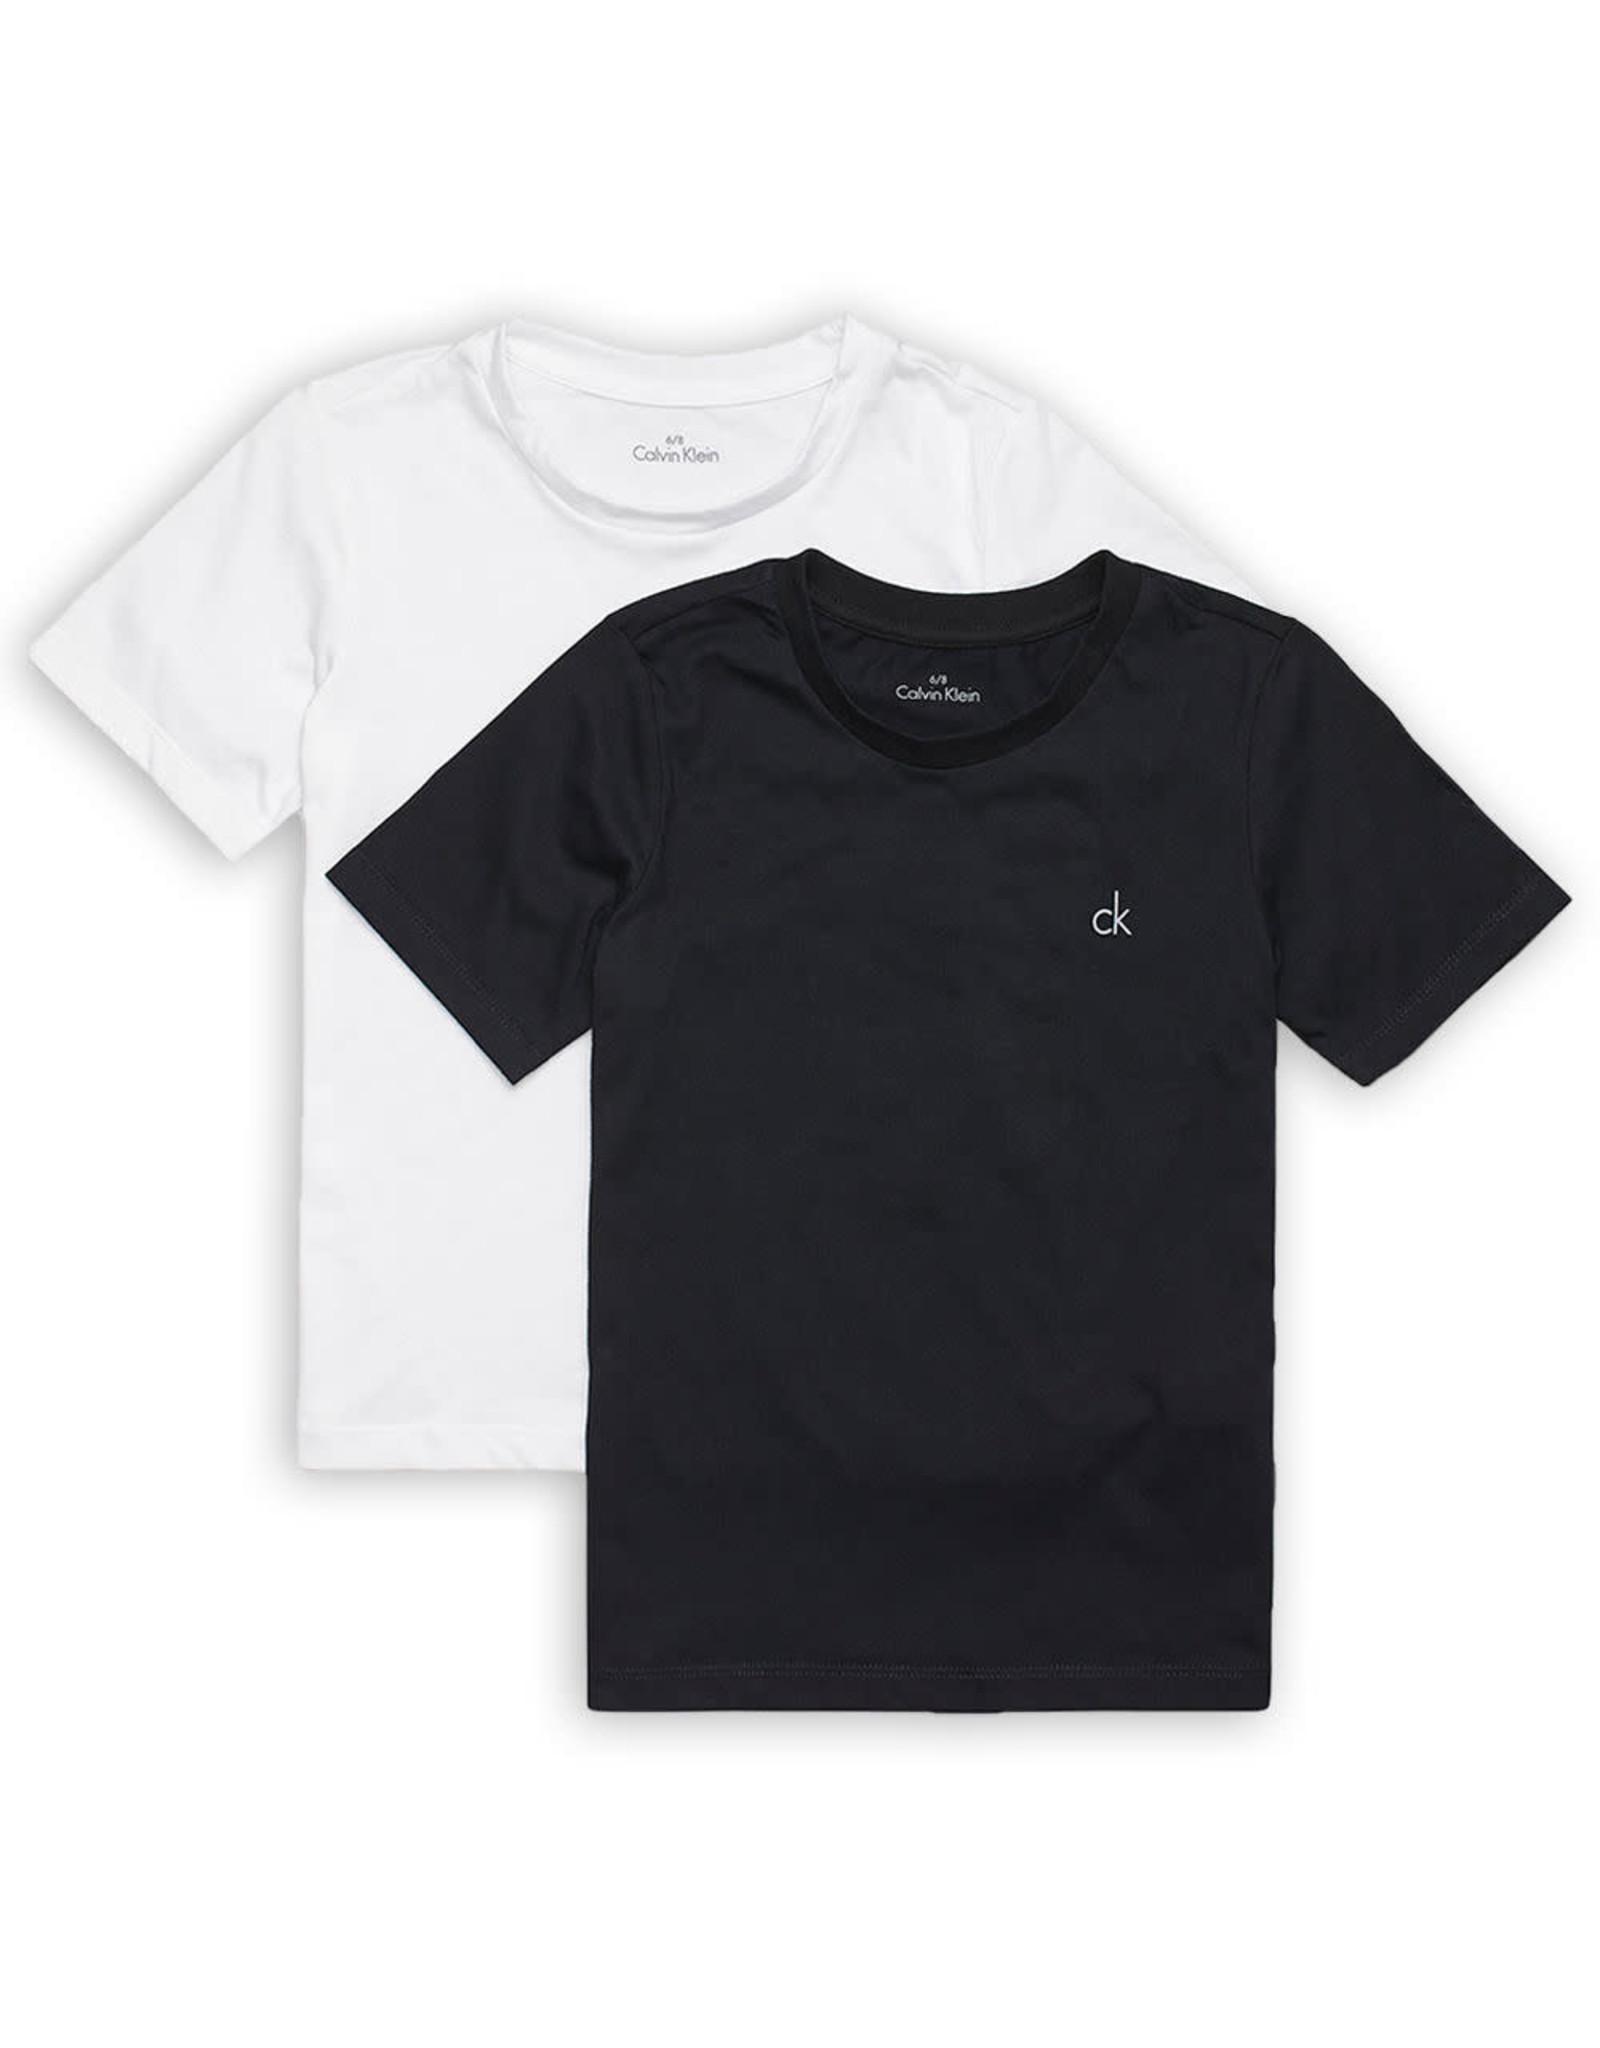 Calvin Klein 2PK SS Tee Black/White